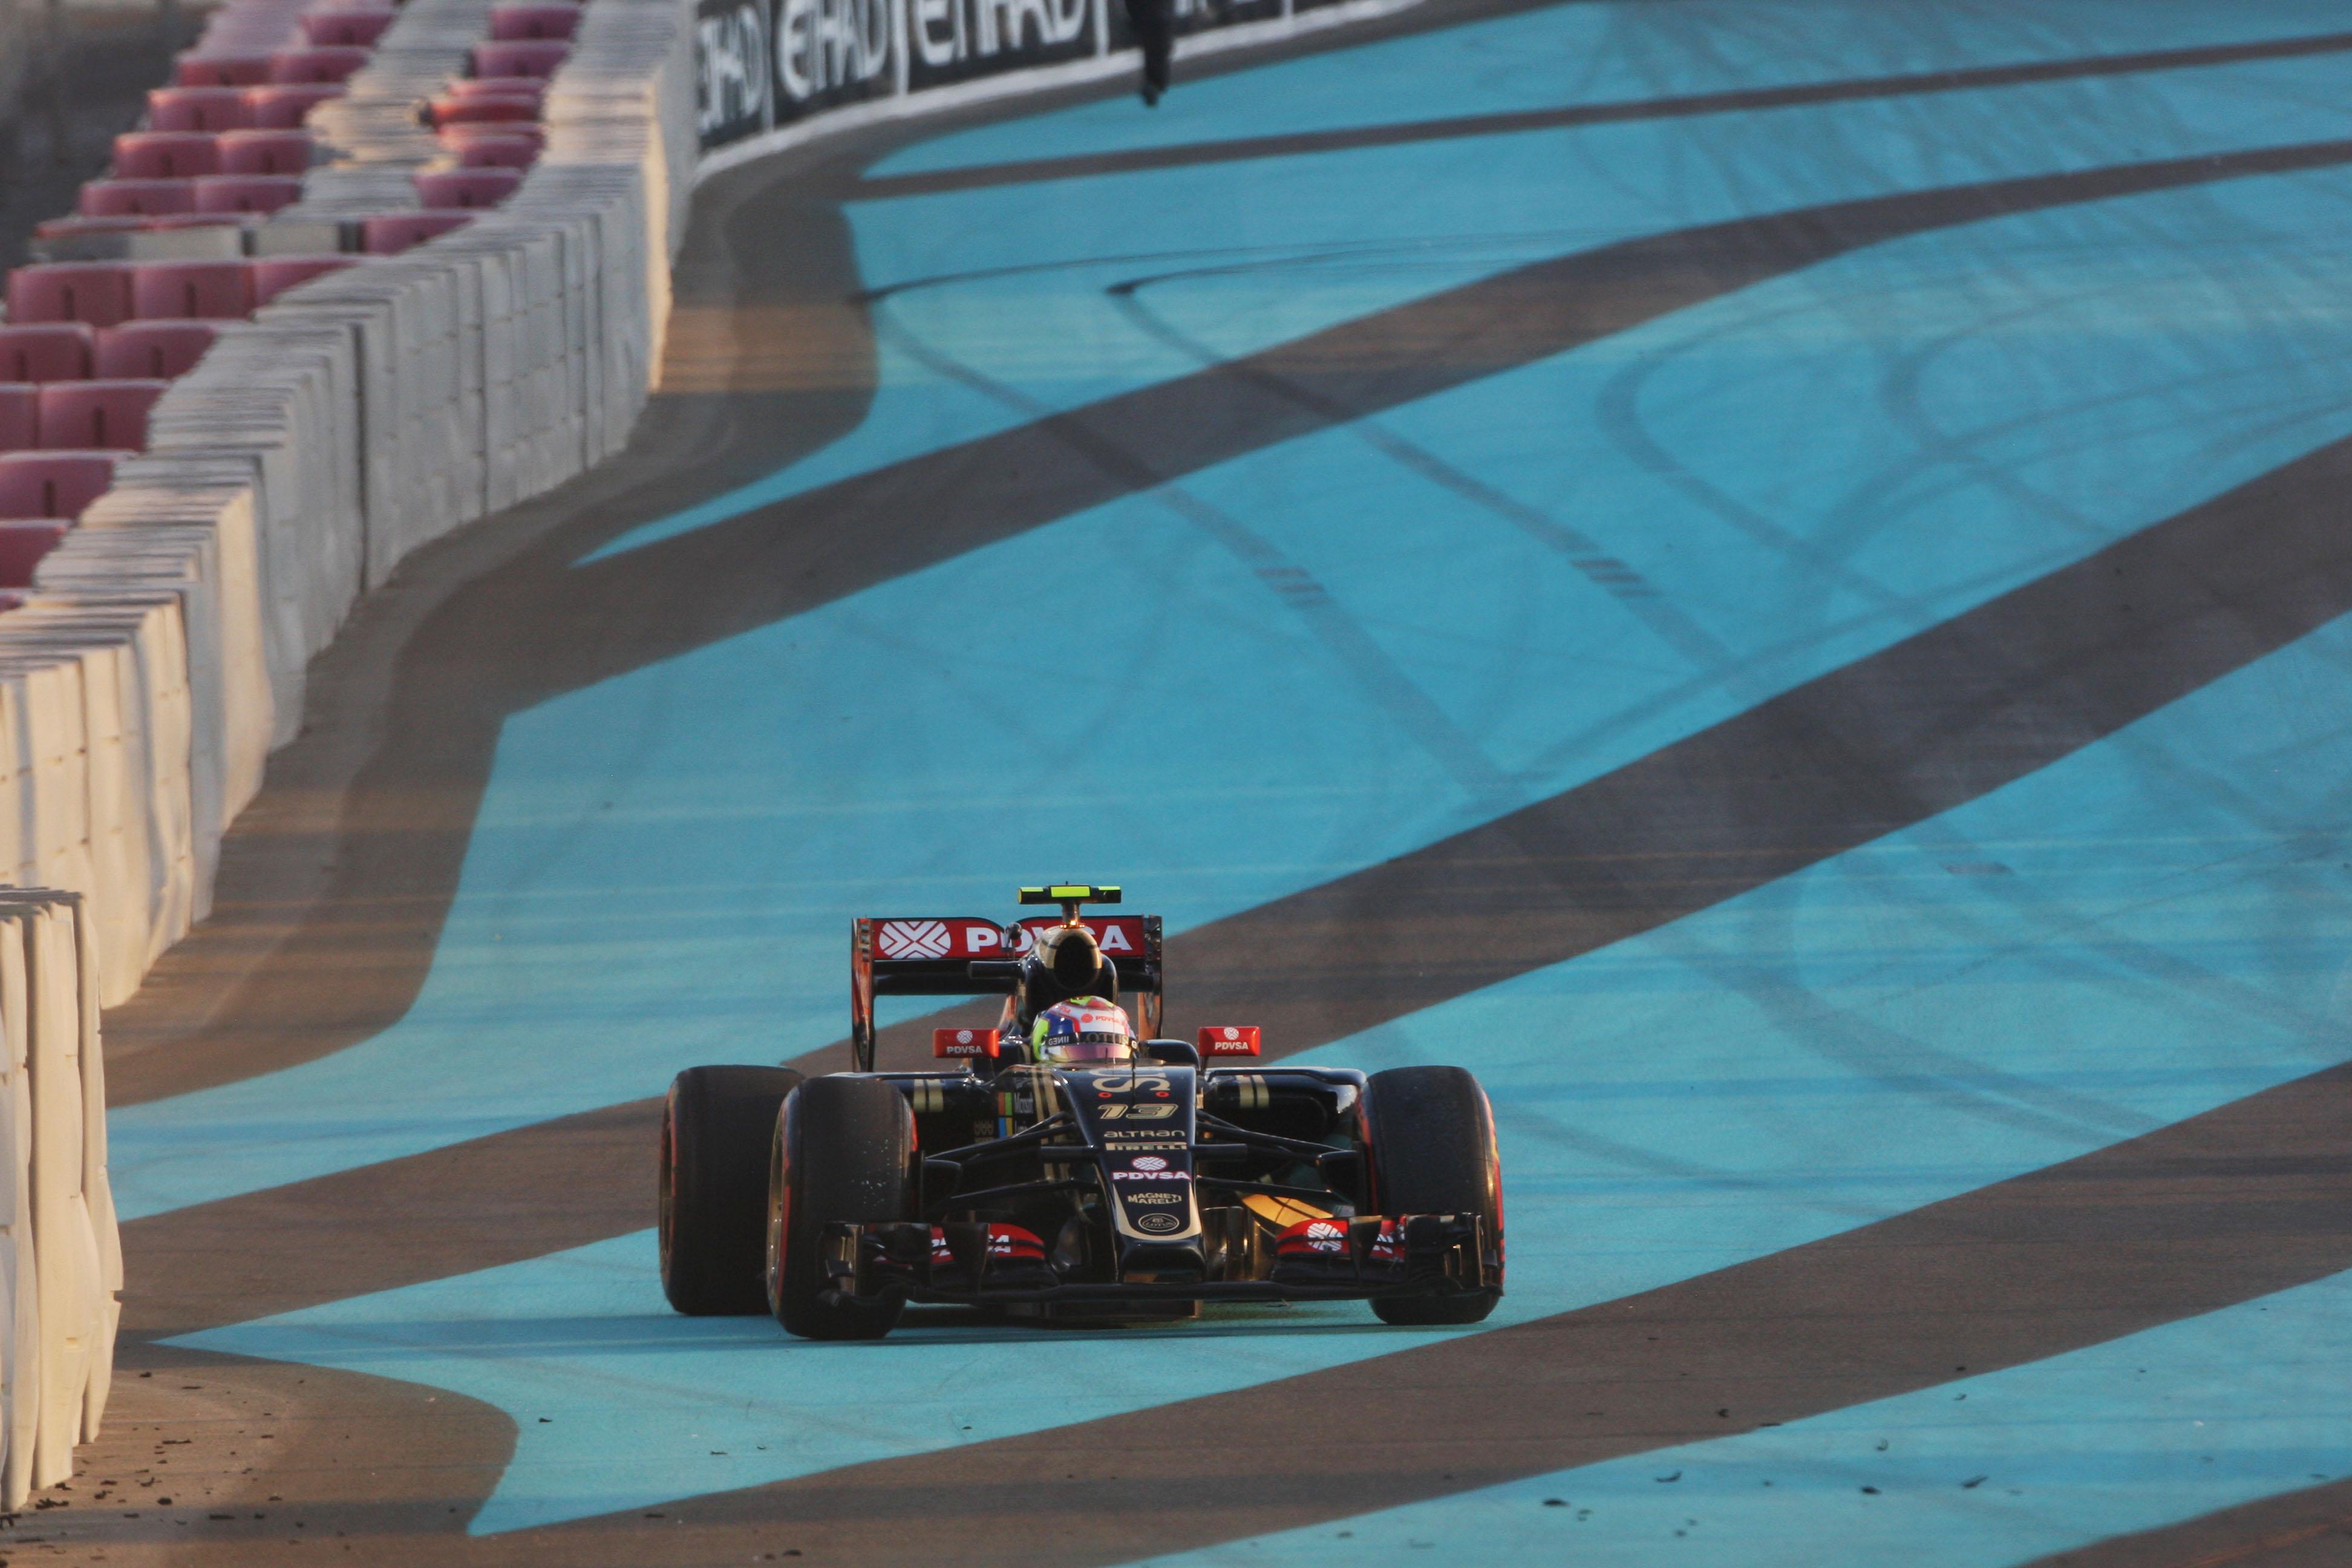 Pastor Maldonado Lotus crash Abu Dhabi Grand Prix 2015